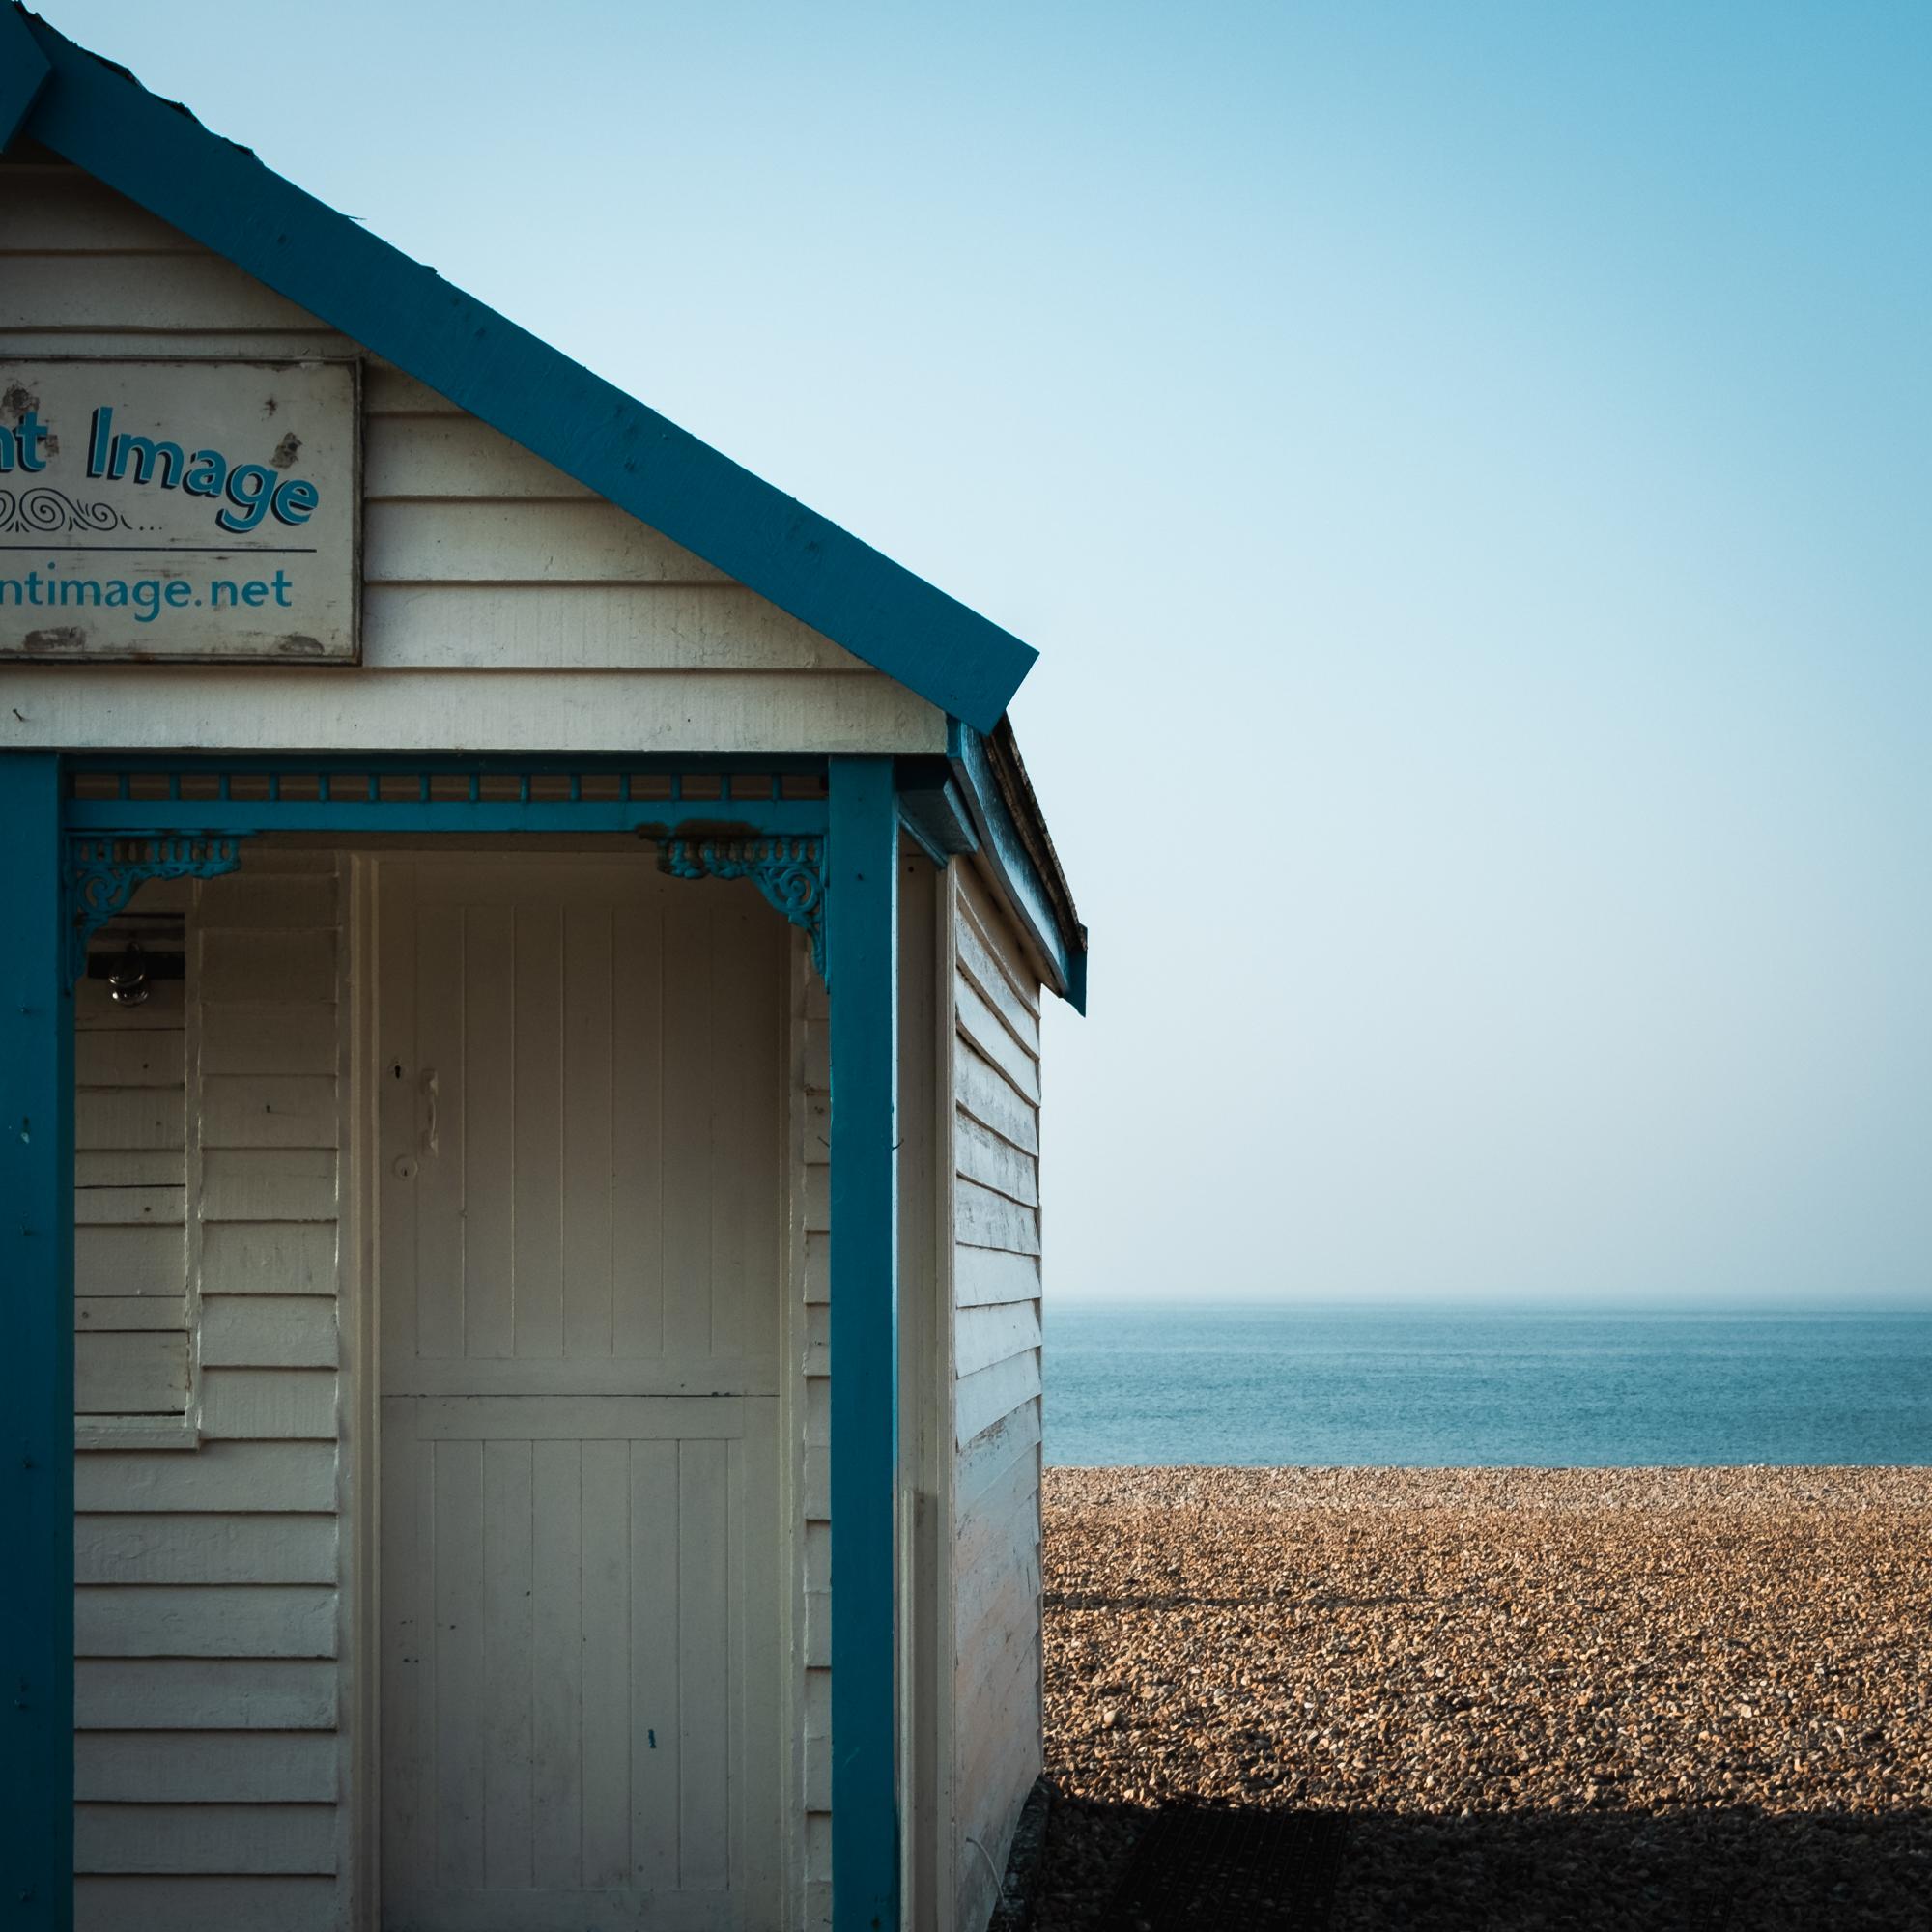 Brighton Images Hut